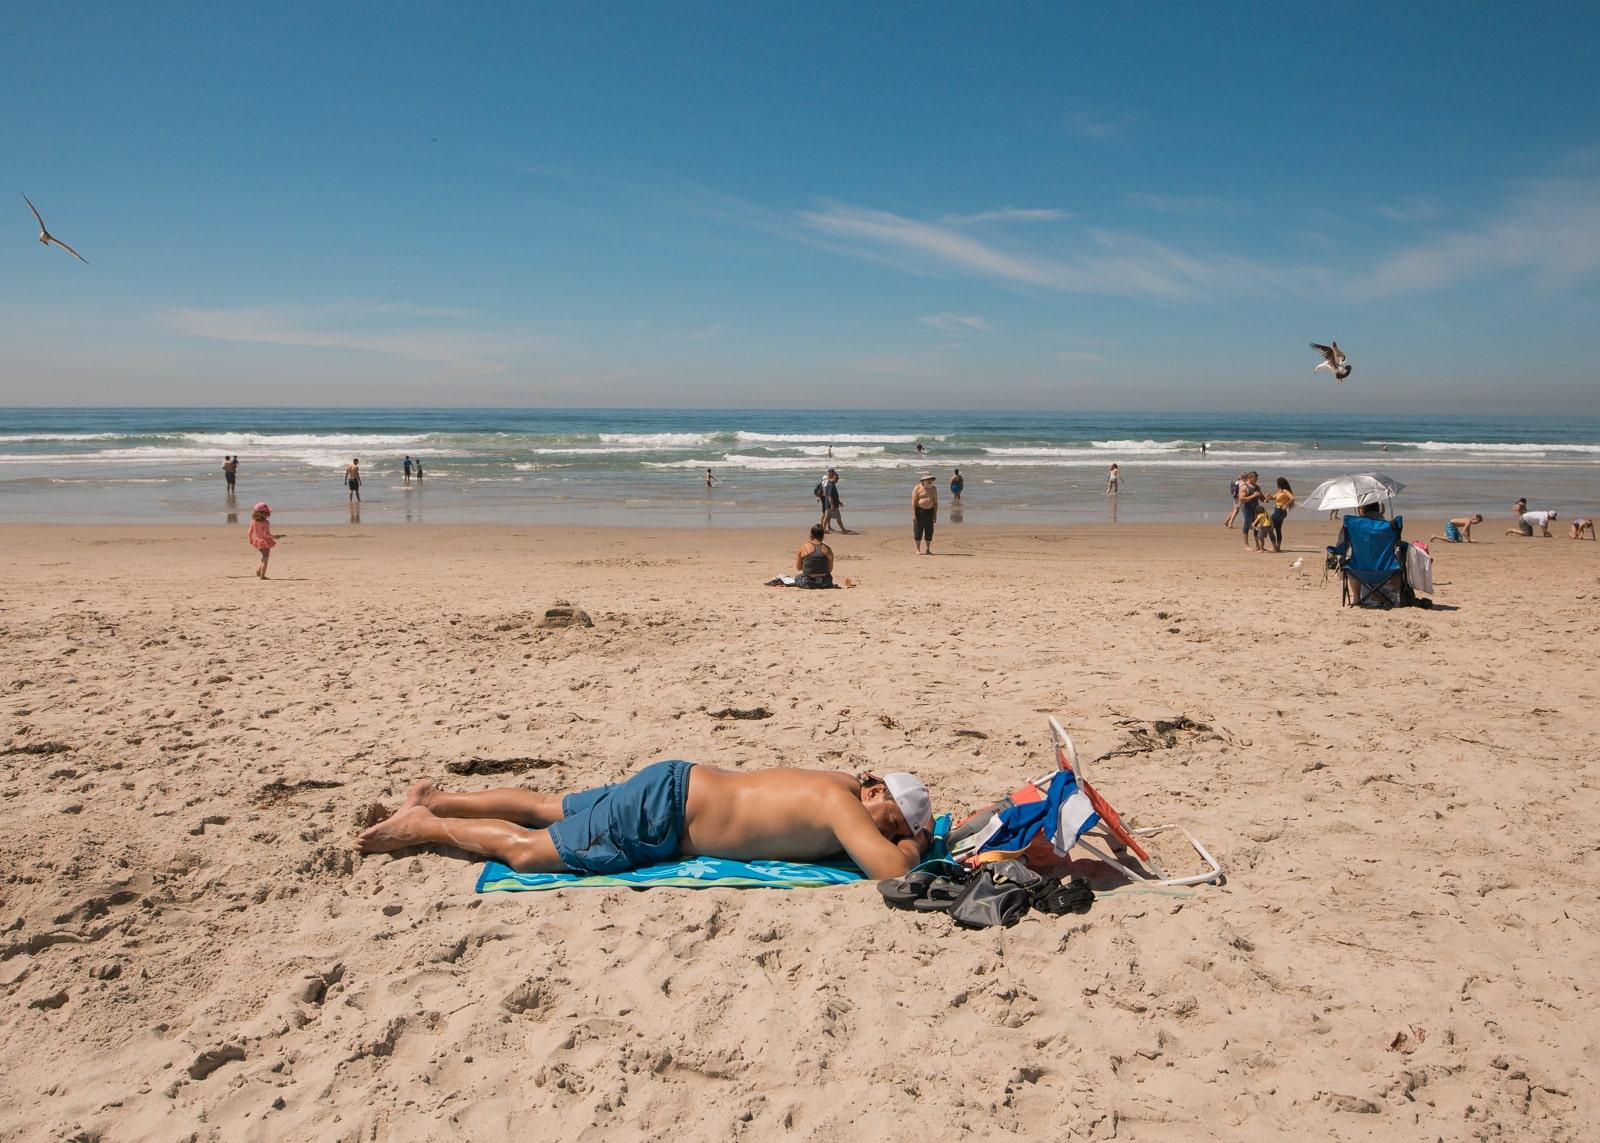 A man sleeping on the beach